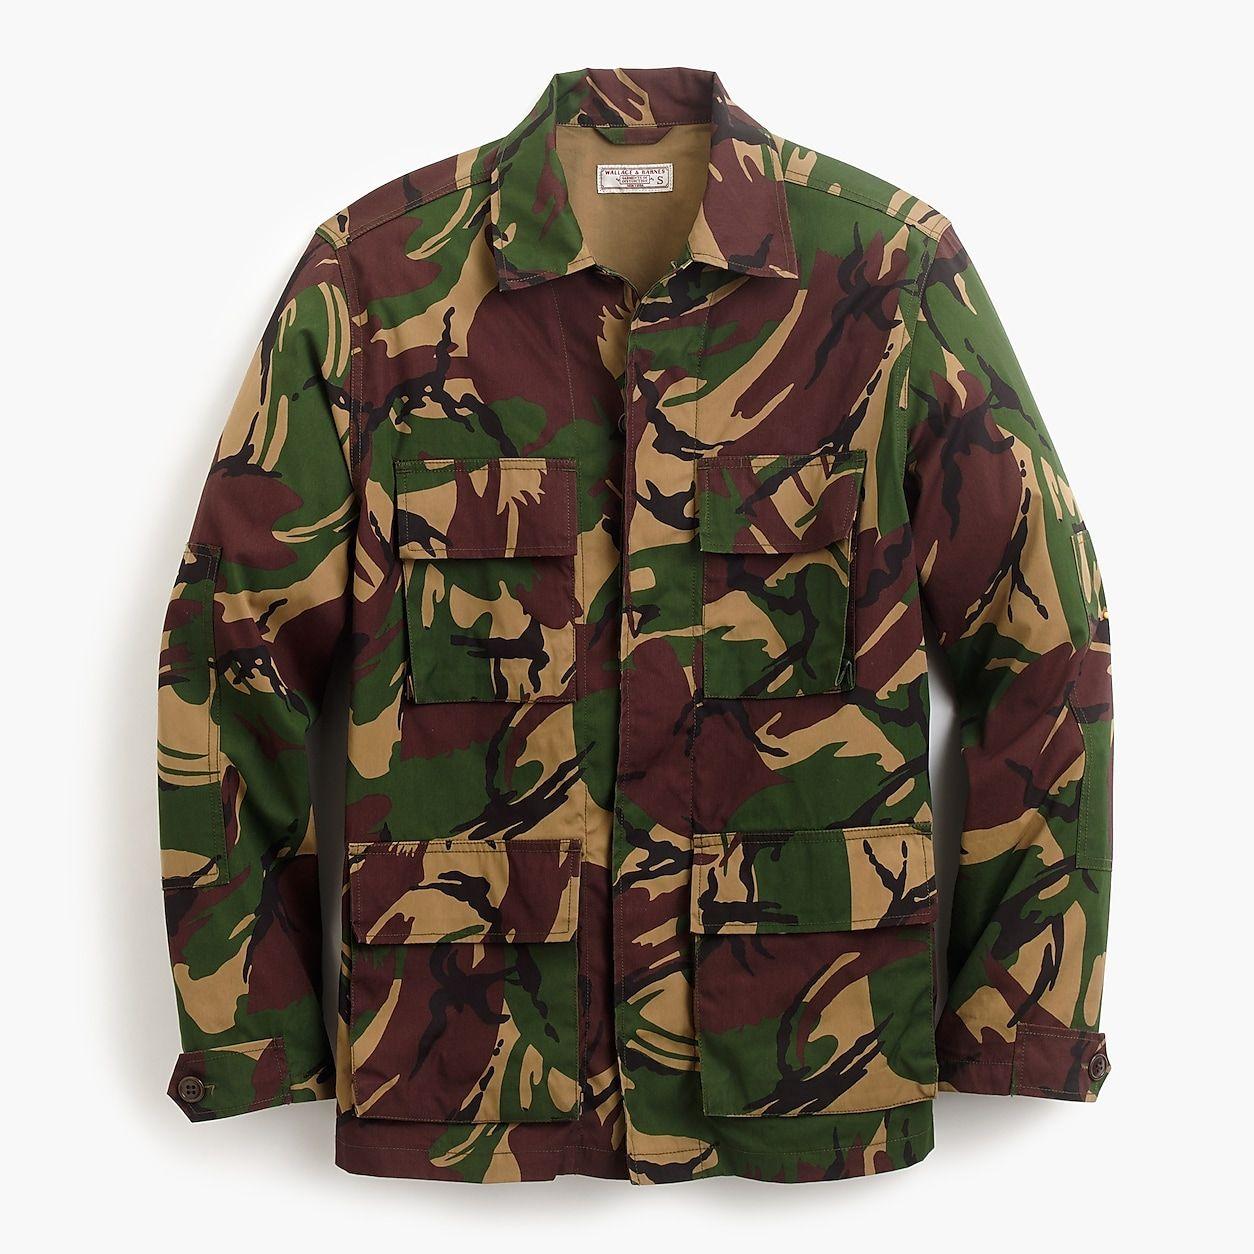 Wallace Barnes Lightweight Military Jacket In Camo Mens Military Style Jacket Military Jacket Military Field Jacket